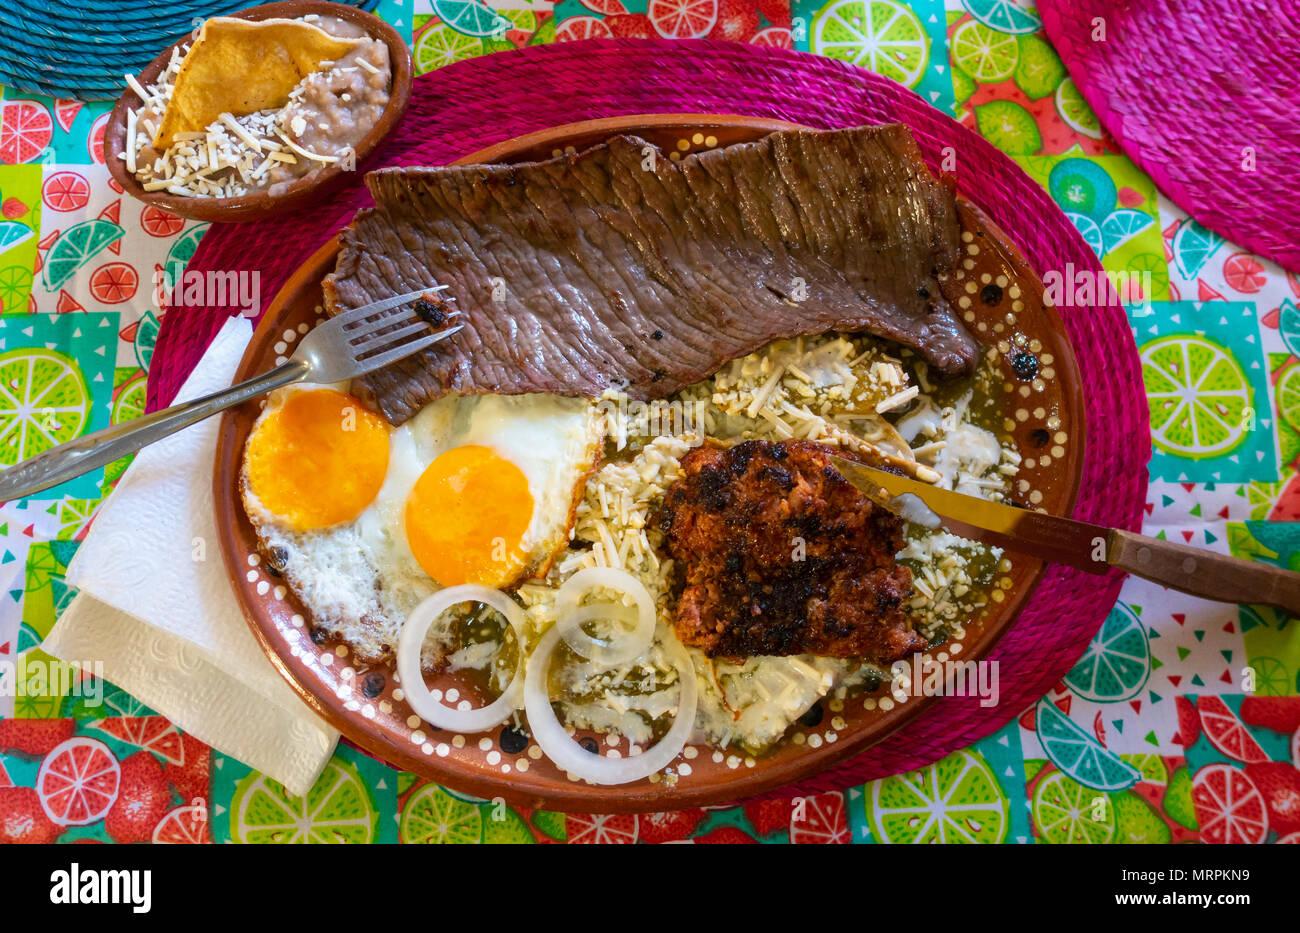 Un completo desayuno mexicano, con bistec, salchichas, huevos, frijoles, queso, tortillas y una salsa verde. Imagen De Stock